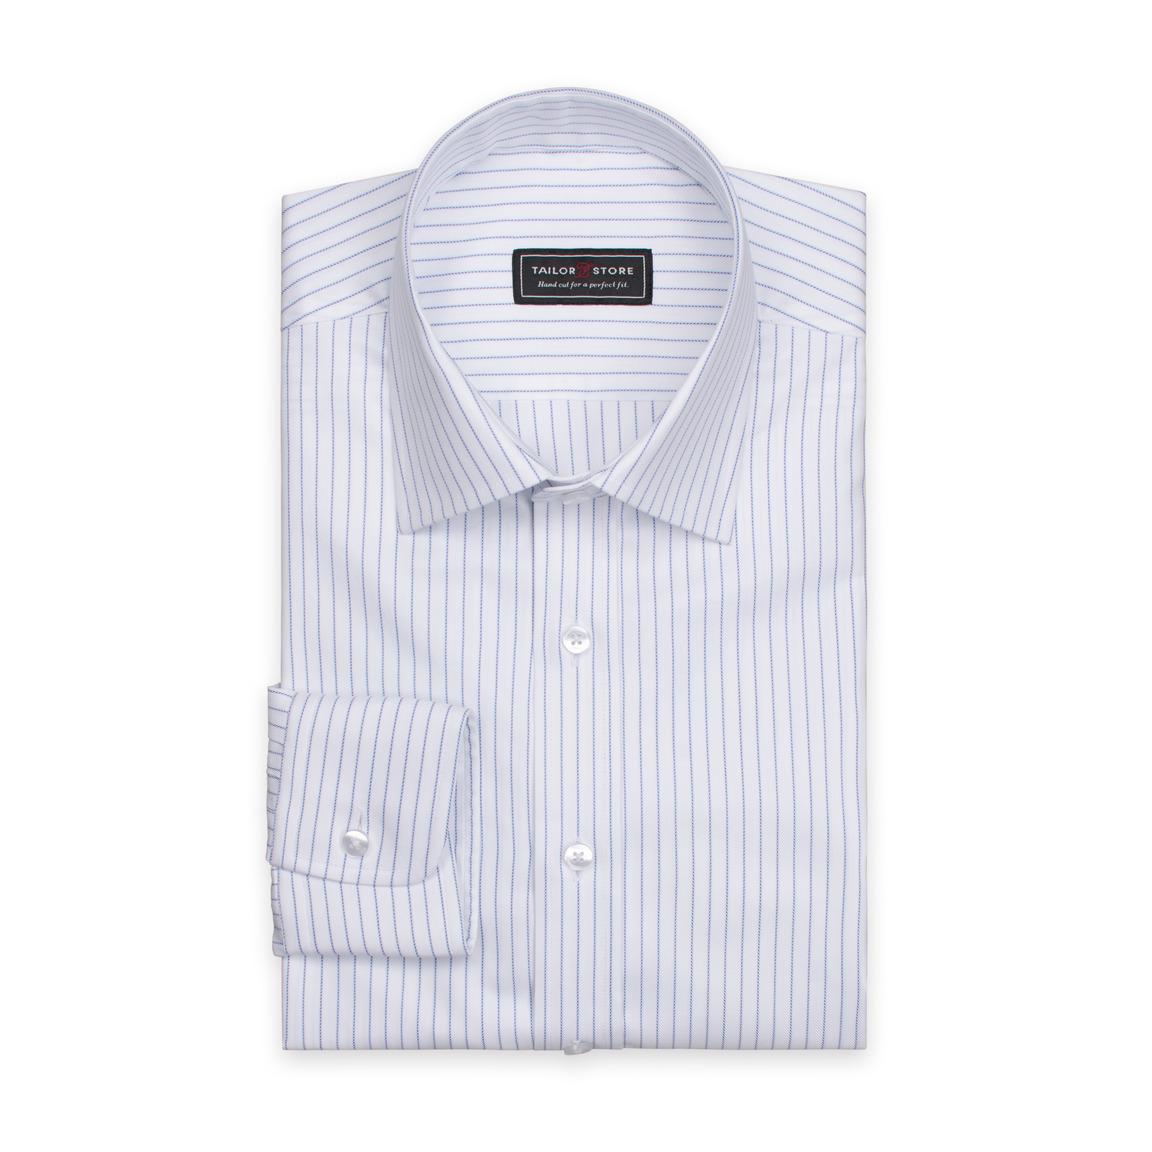 Hvid/Blå stribet skjorte i økologisk bomuld